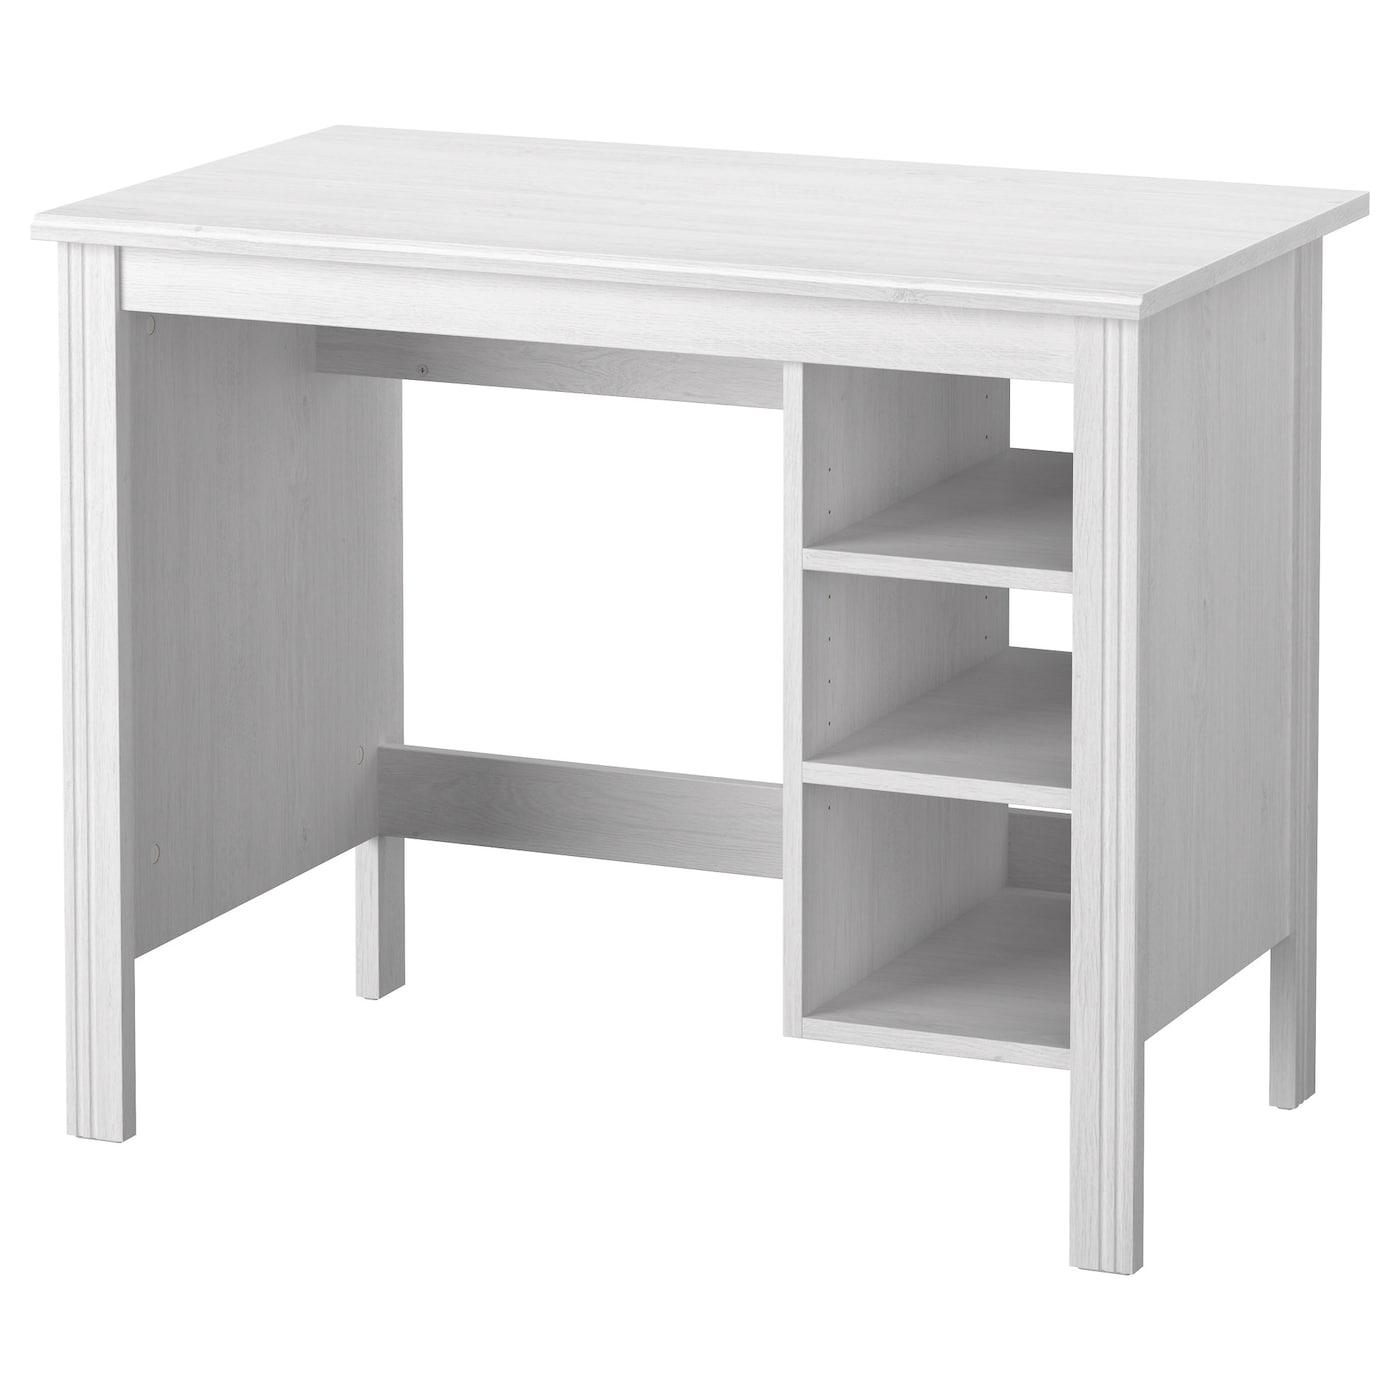 Brusali Schreibtisch Weiss 90x52 Cm Bestell Es Noch Heute Ikea Deutschland